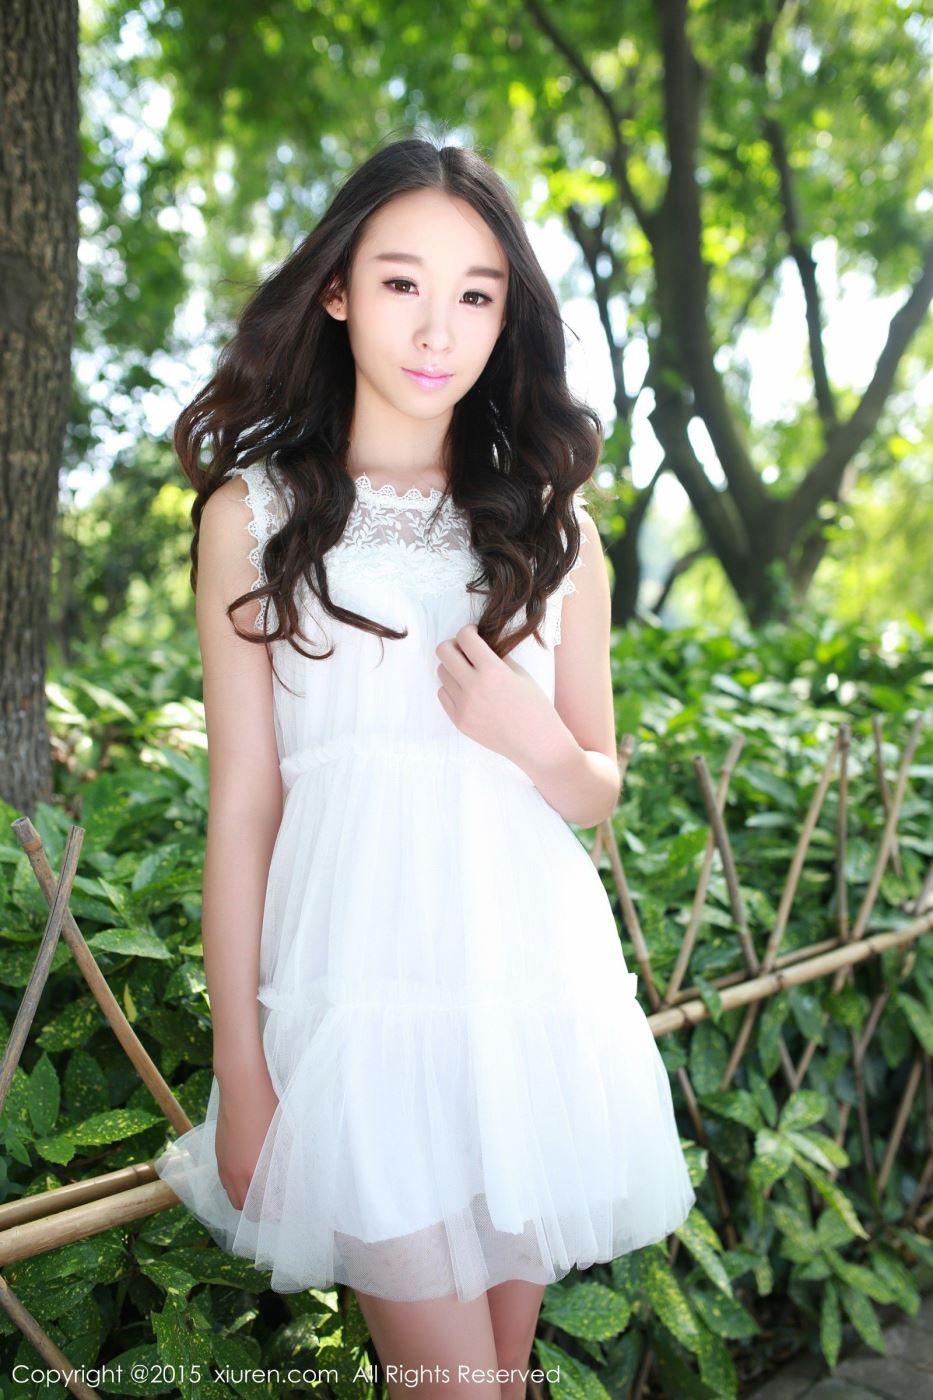 秀人网小清新美女梓萱Crystal白色连衣裙素颜女神写真